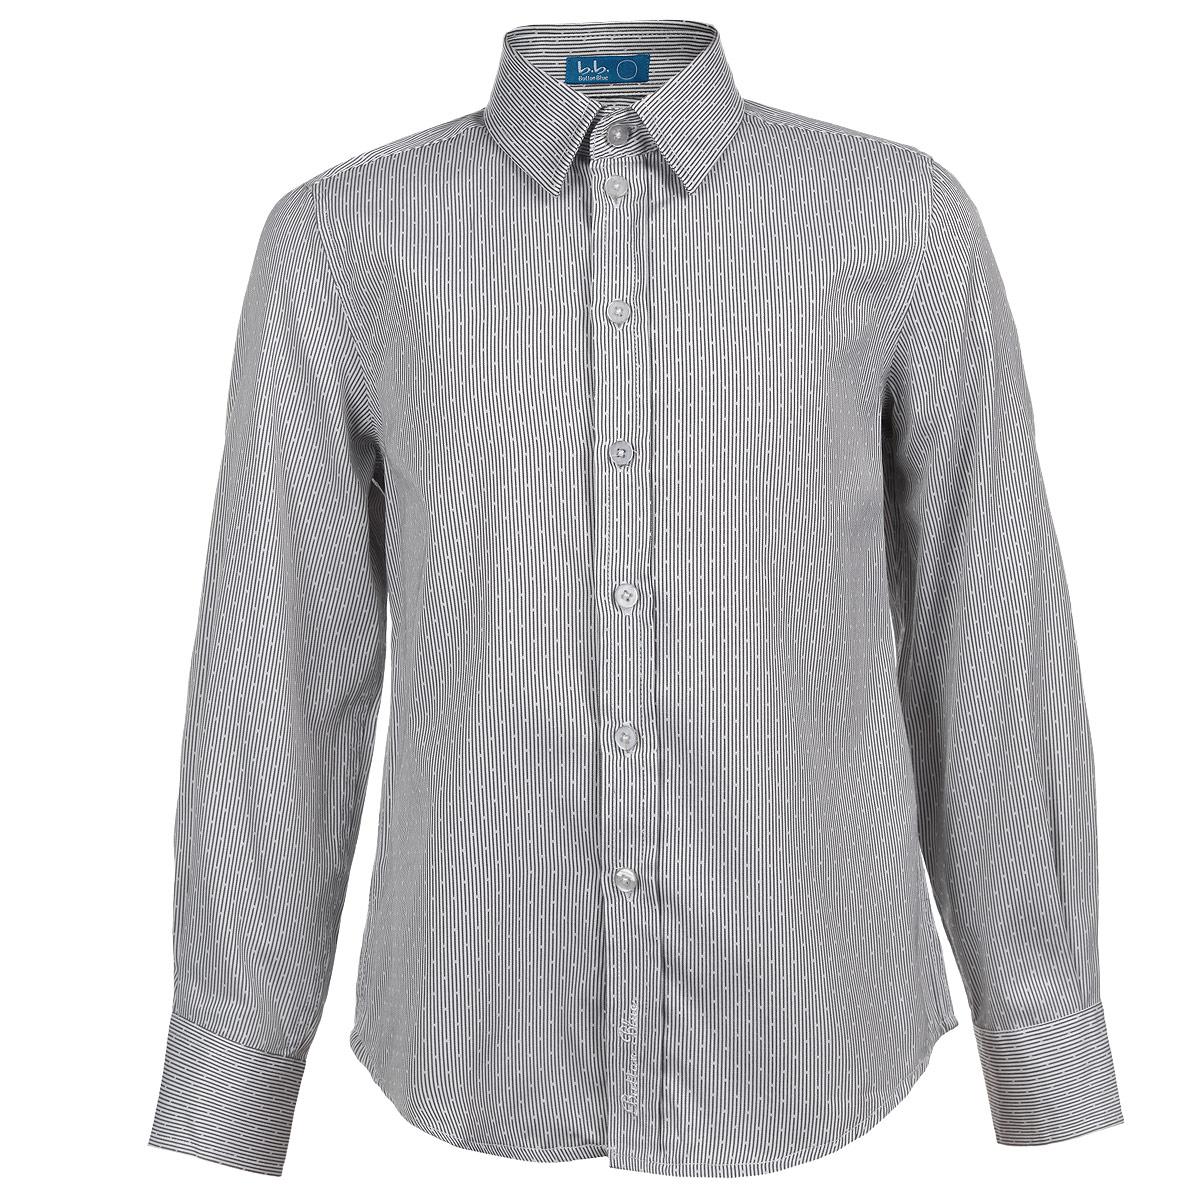 Рубашка для мальчика. 215BBBS2303215BBBS2303Стильная рубашка для мальчика Button Blue с длинными рукавами сделает образ ребенка свежим и необычным, не нарушив школьного дресс-кода. Изготовленная из хлопка с добавлением полиэстера, она мягкая и приятная на ощупь, не сковывает движения и позволяет коже дышать, не раздражает даже самую нежную и чувствительную кожу ребенка, обеспечивая ему наибольший комфорт. Рубашка классического кроя с отложным воротничком застегивается на пуговицы. Рукава имеют широкие манжеты, также застегивающиеся на пуговицы. Понизу модель дополнена небольшими боковыми закруглениями. Оформлено изделие оригинальным принтом, а также фирменной вышивкой в нижней части планки. Современный дизайн и расцветка делают эту рубашку стильным предметом детского гардероба. Ее можно носить как с джинсами, так и с классическими брюками.